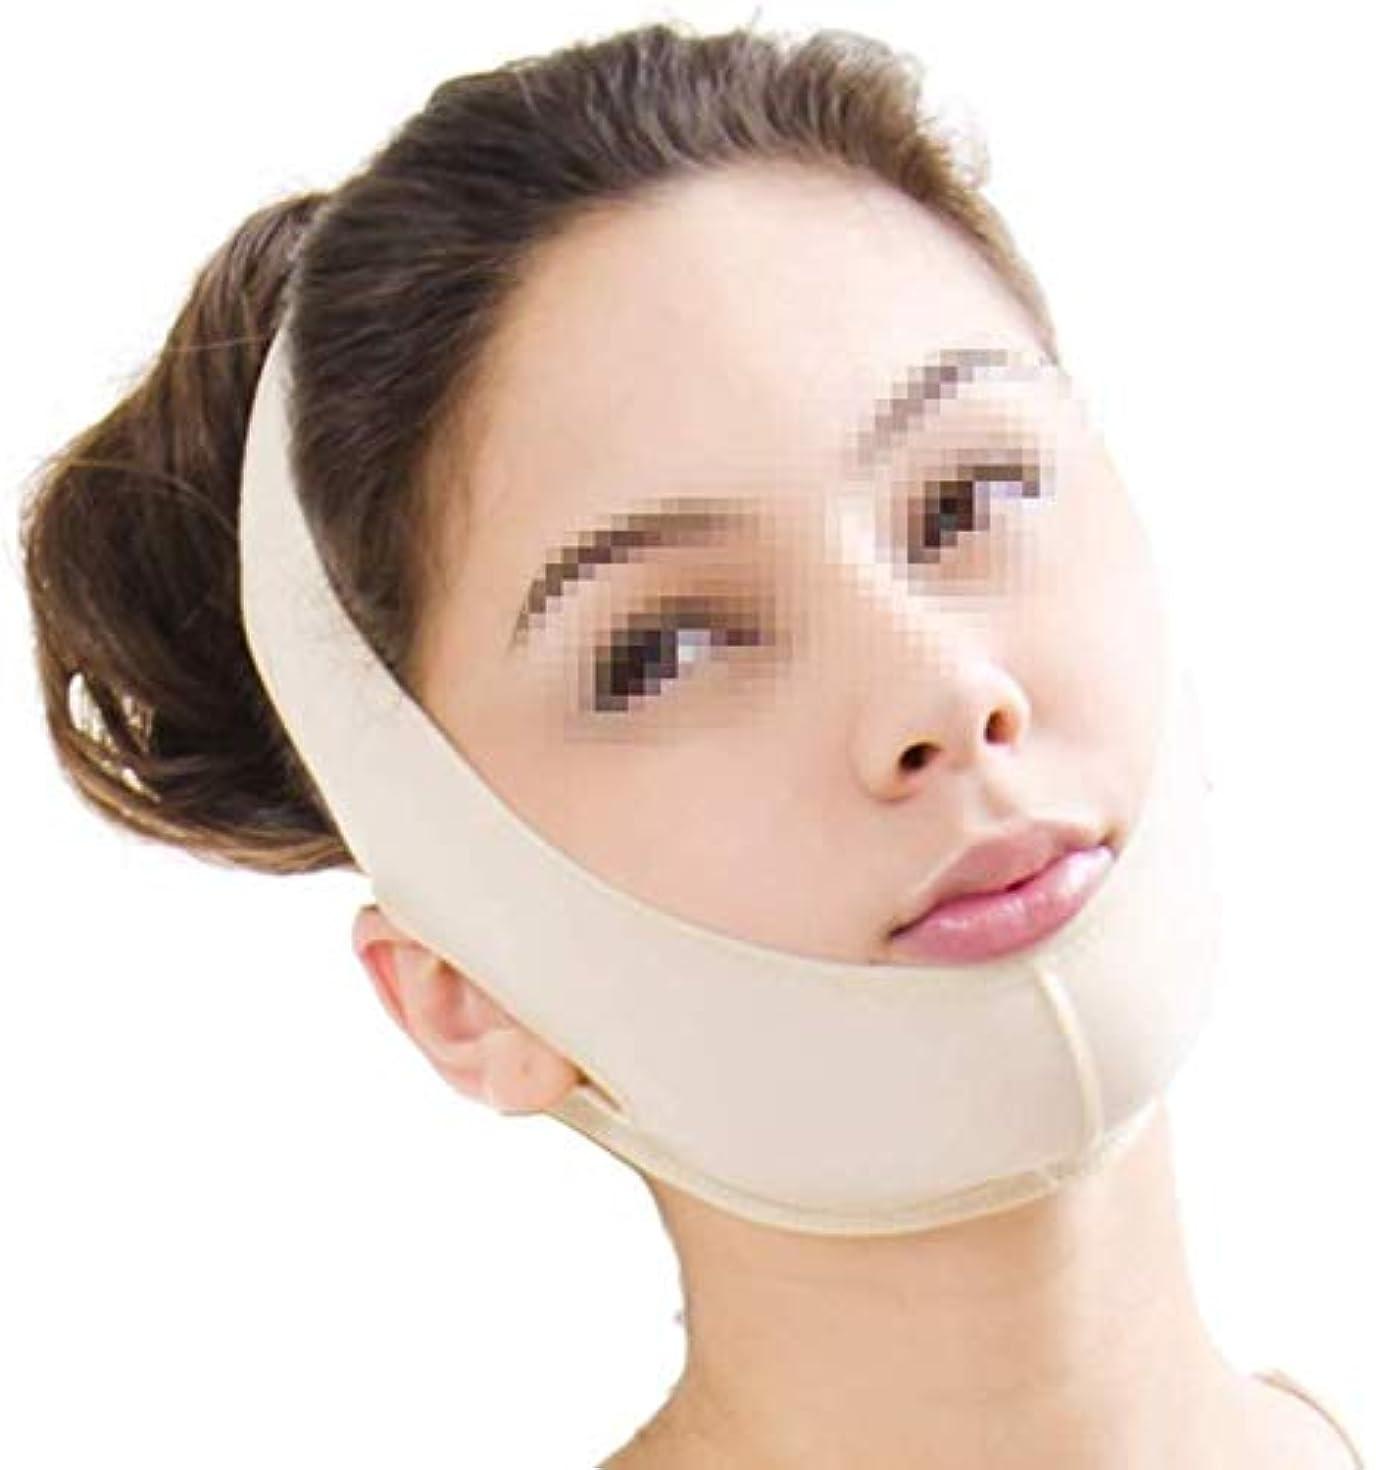 あなたが良くなりますおとなしい展示会美容と実用的なフェイスリフトマスク、顎顔面ダブルチン化粧品脂肪吸引後圧縮小顔包帯弾性ヘッドギア(サイズ:Xl)